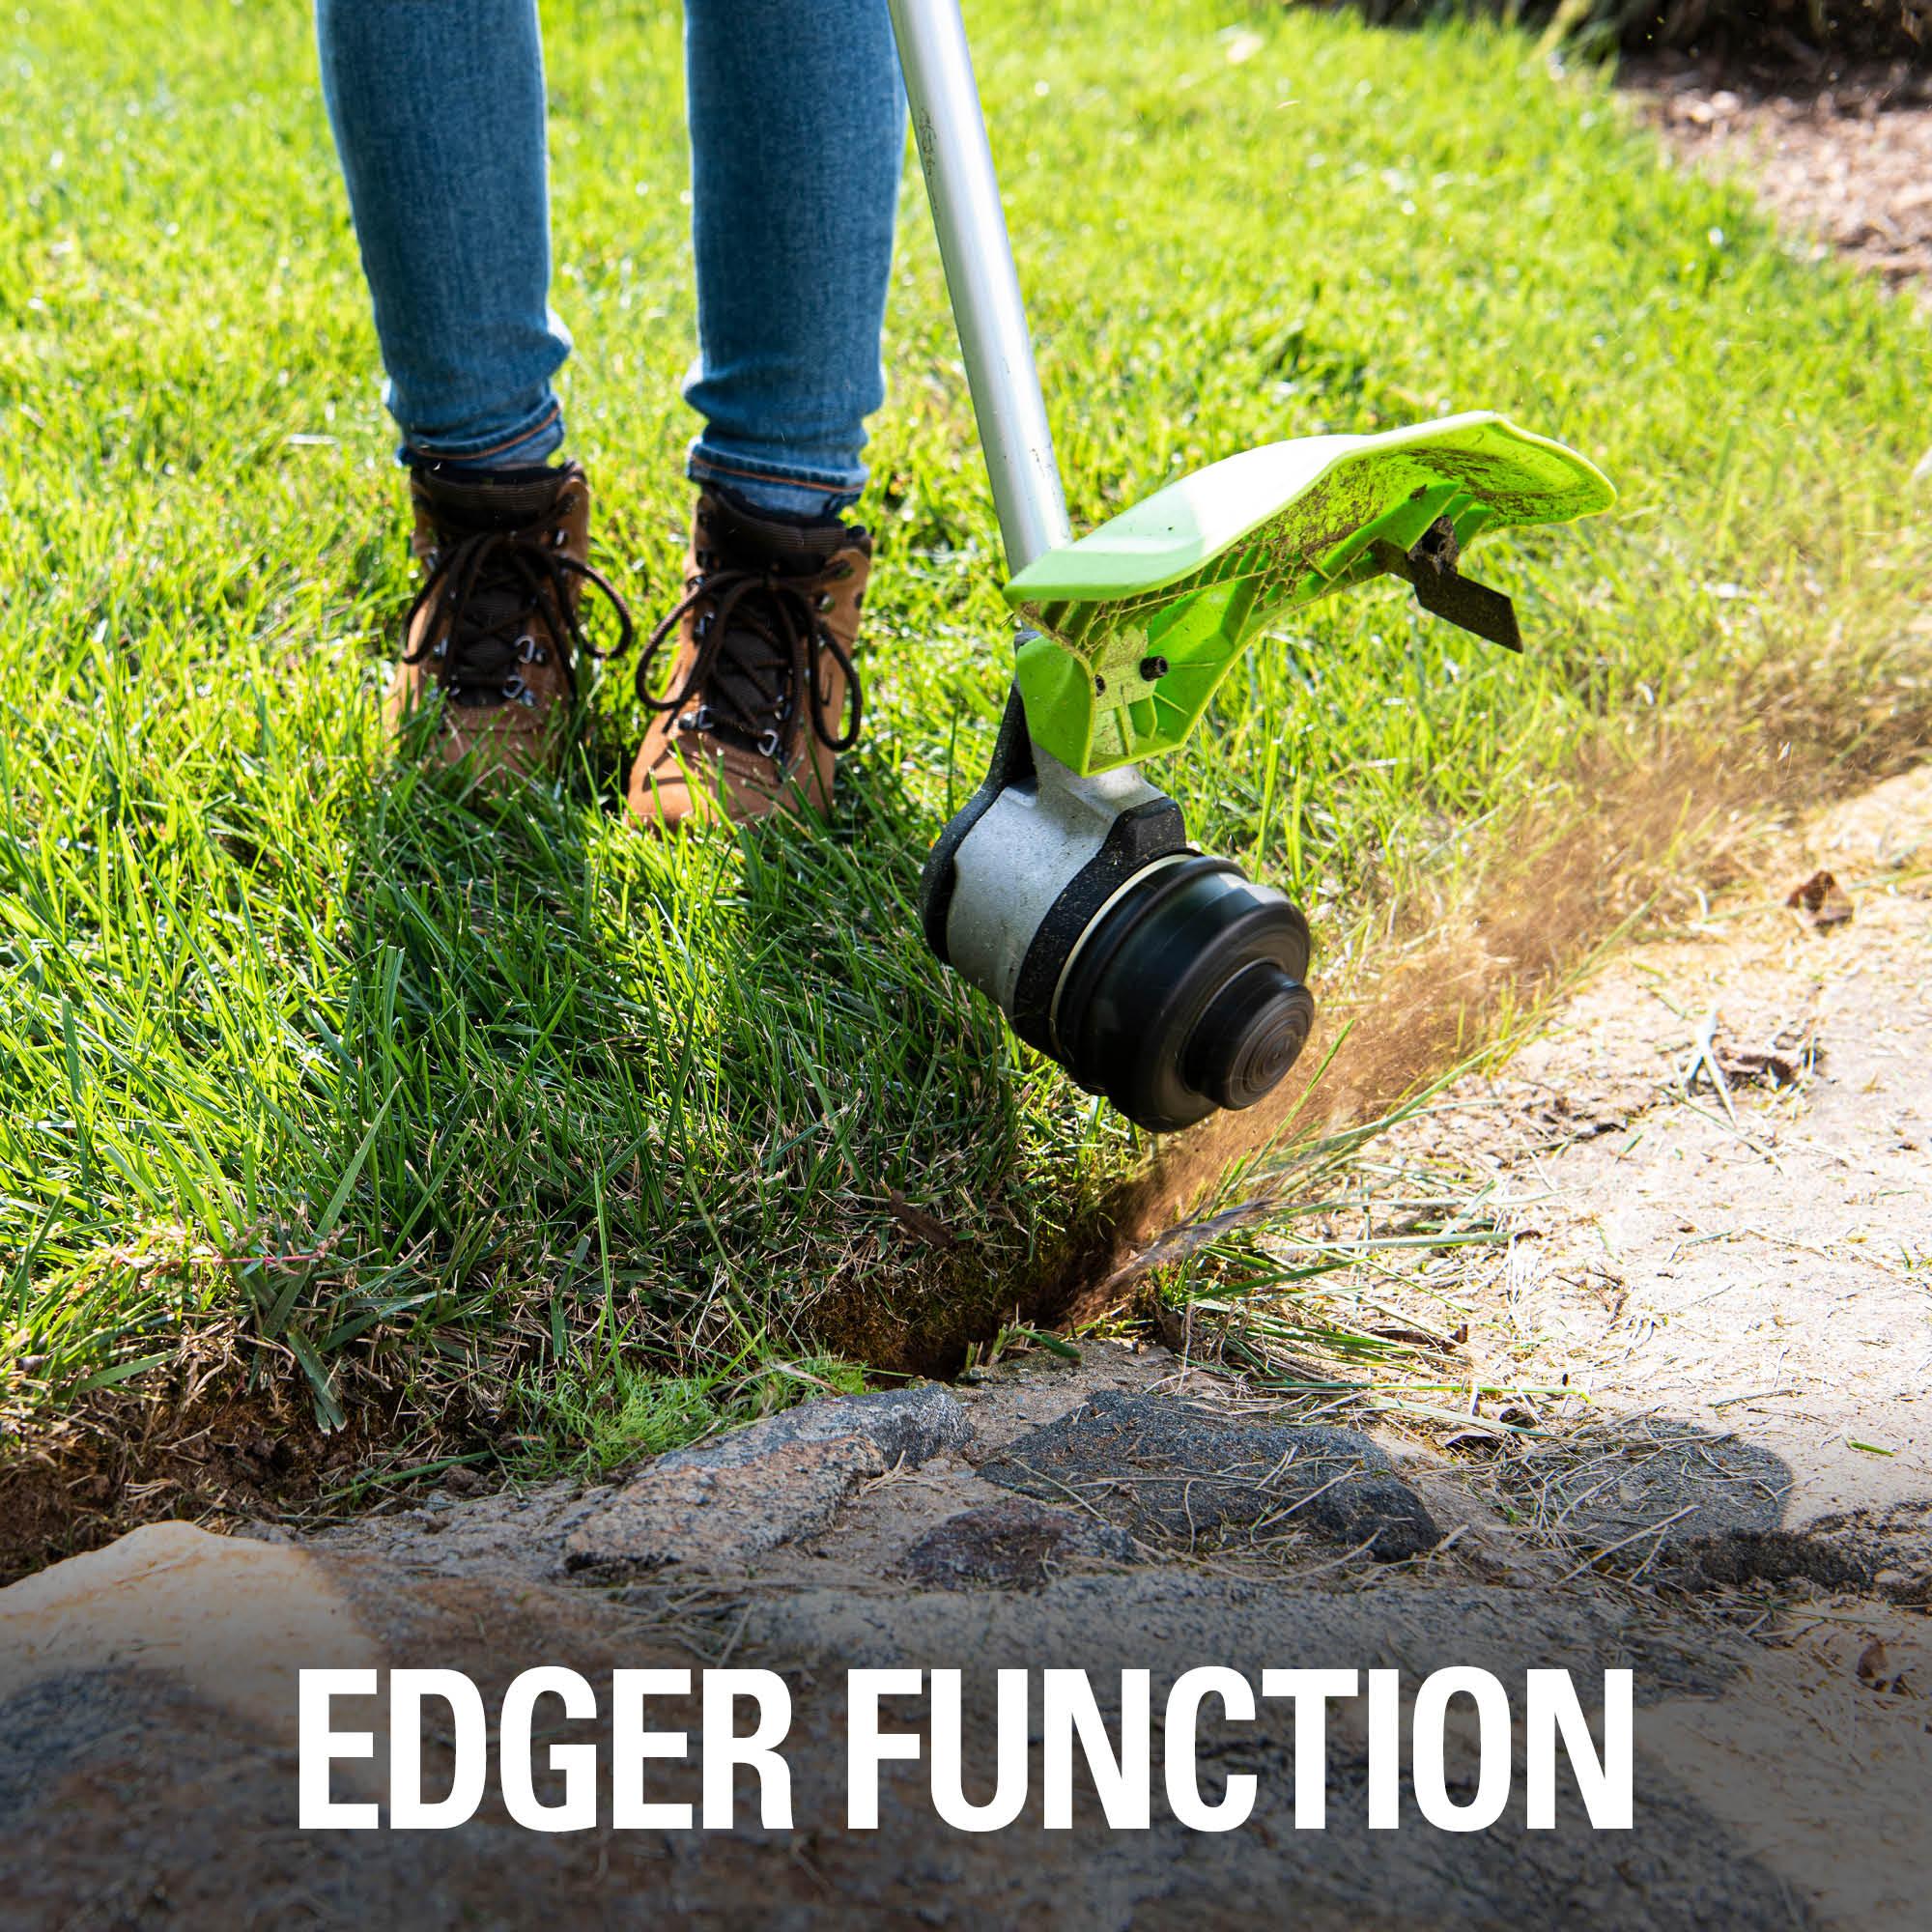 Edger function